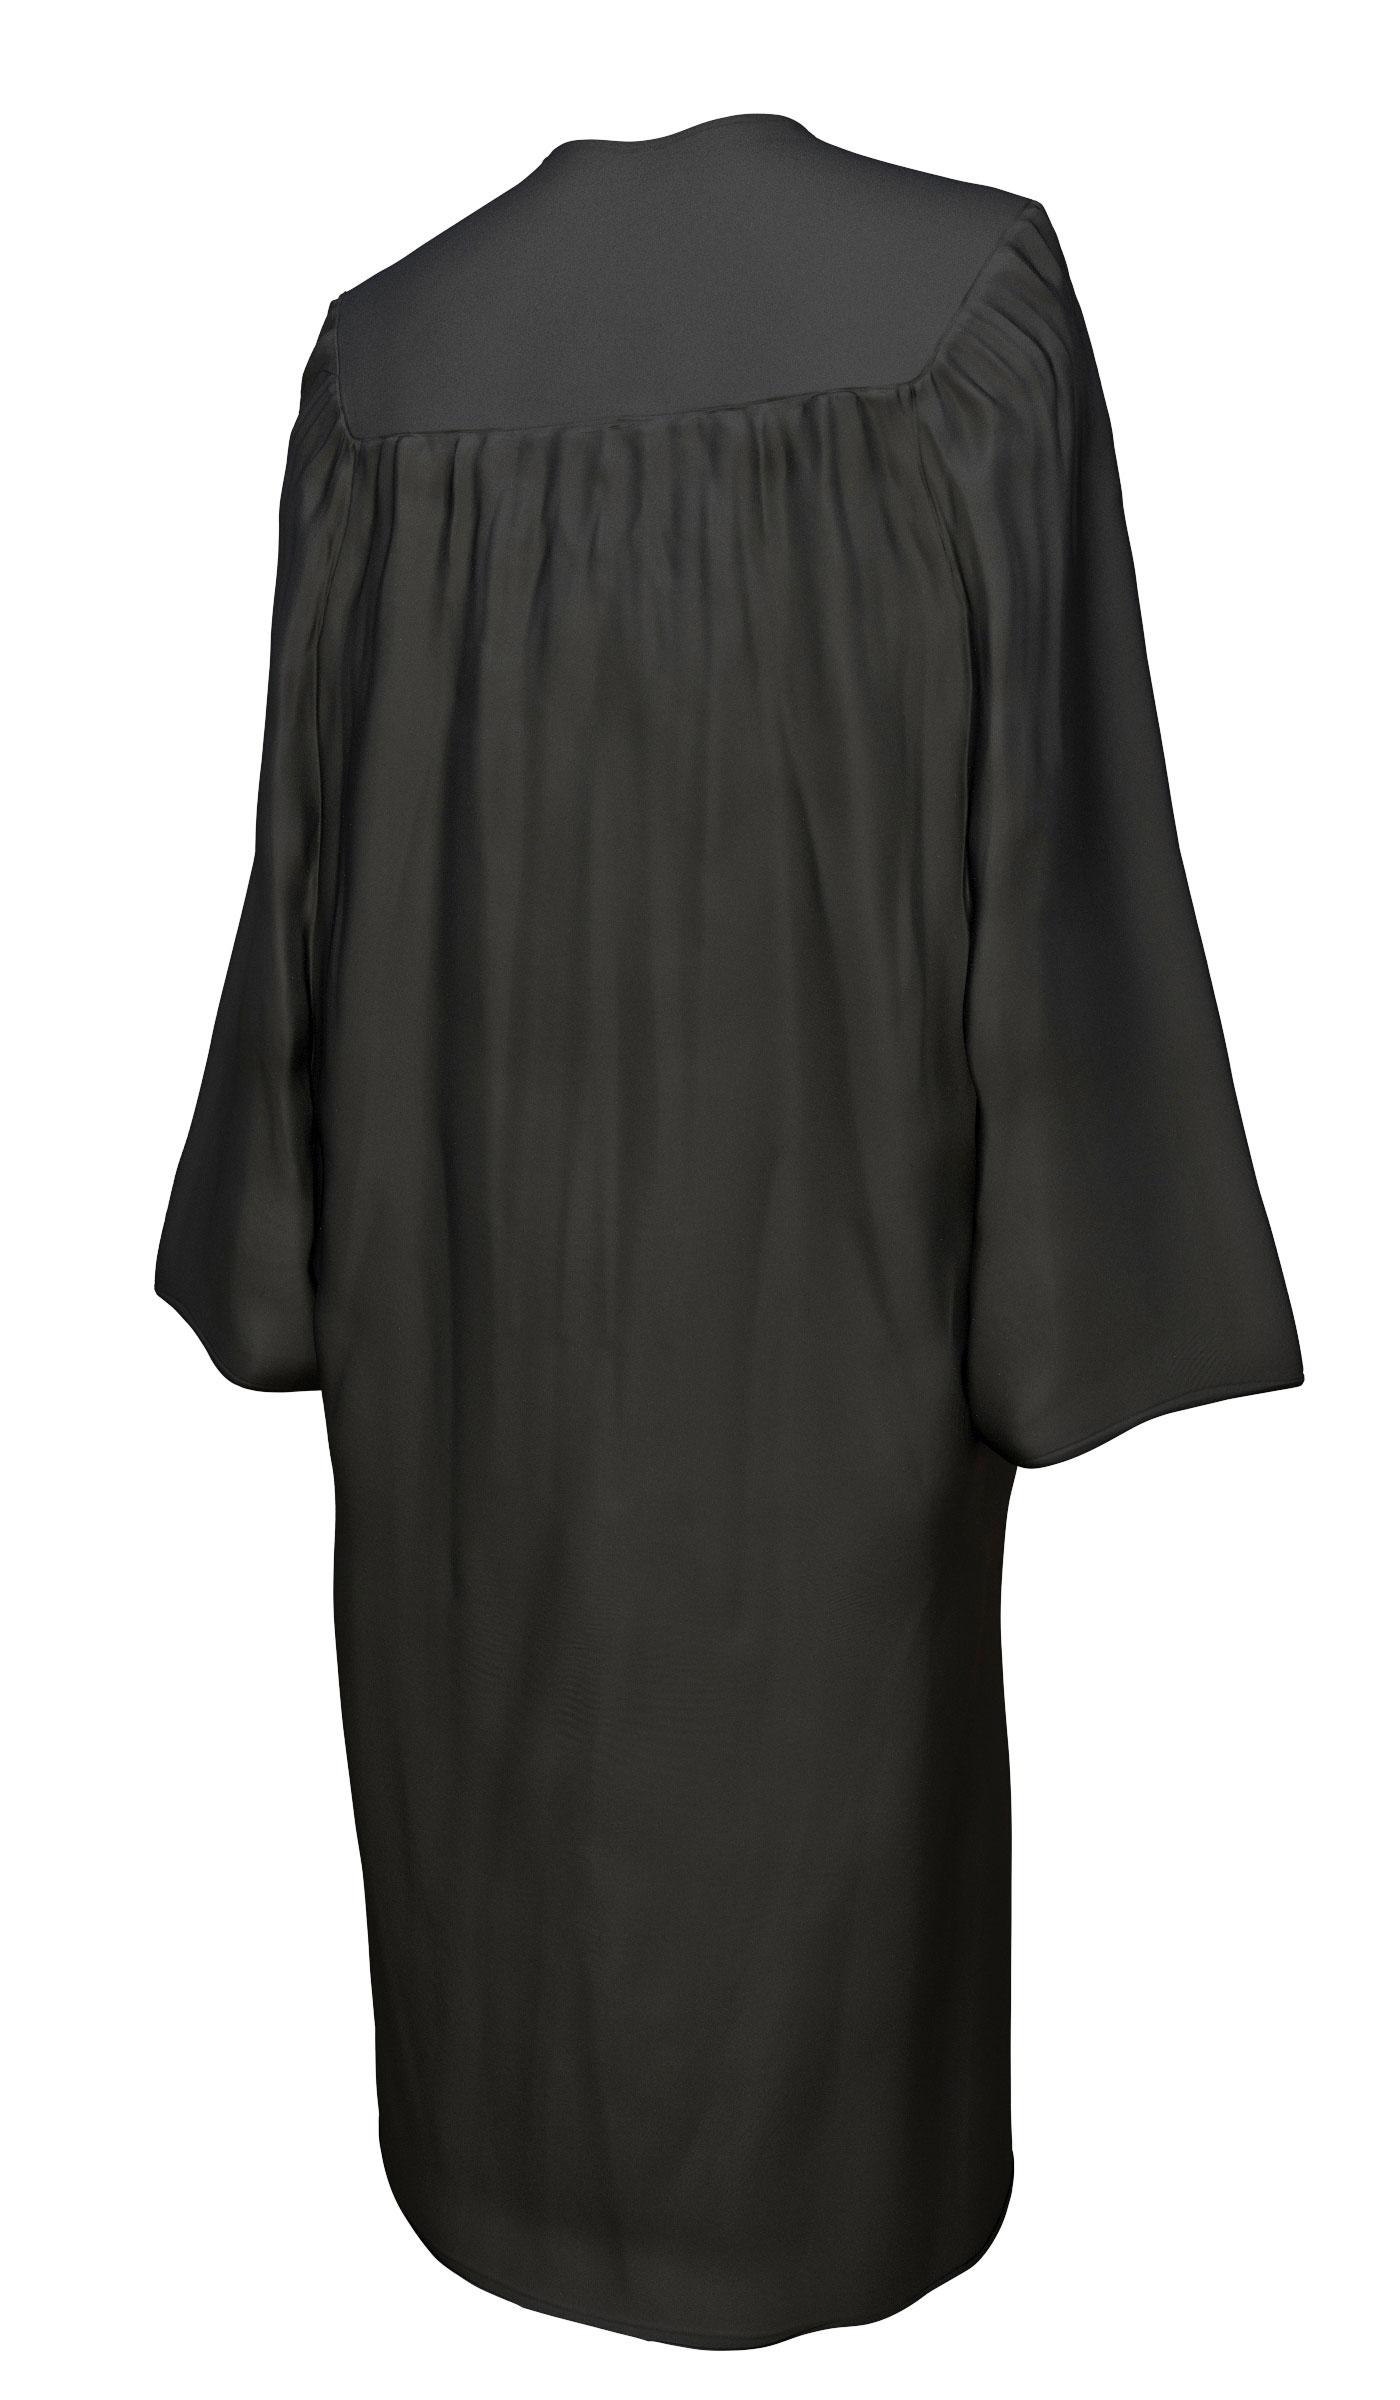 MATTE BLACK HIGH SCHOOL GRADUATION CAP & GOWN SET-rs4251465601882